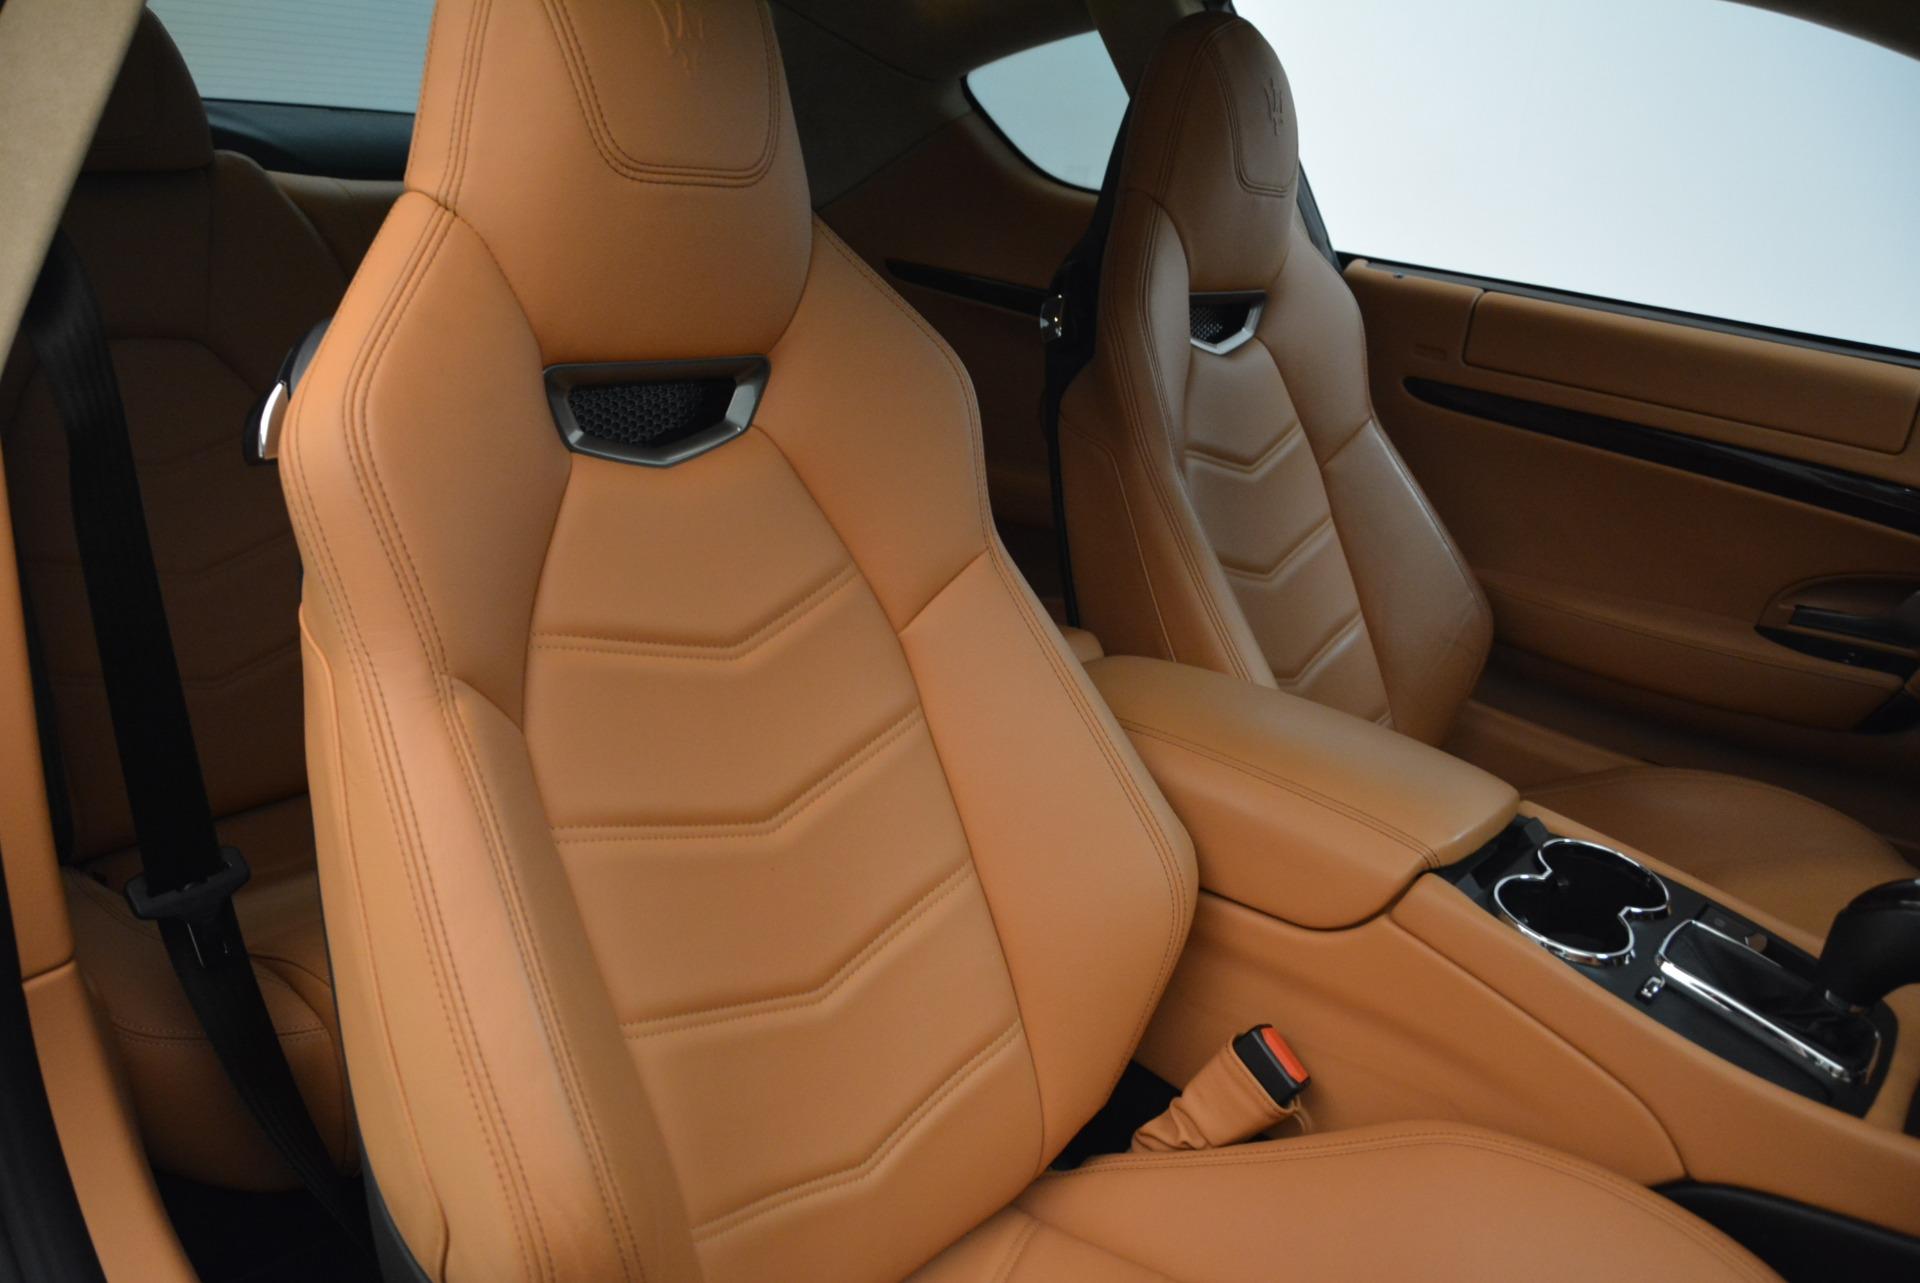 Used 2014 Maserati GranTurismo Sport For Sale In Westport, CT 2067_p22